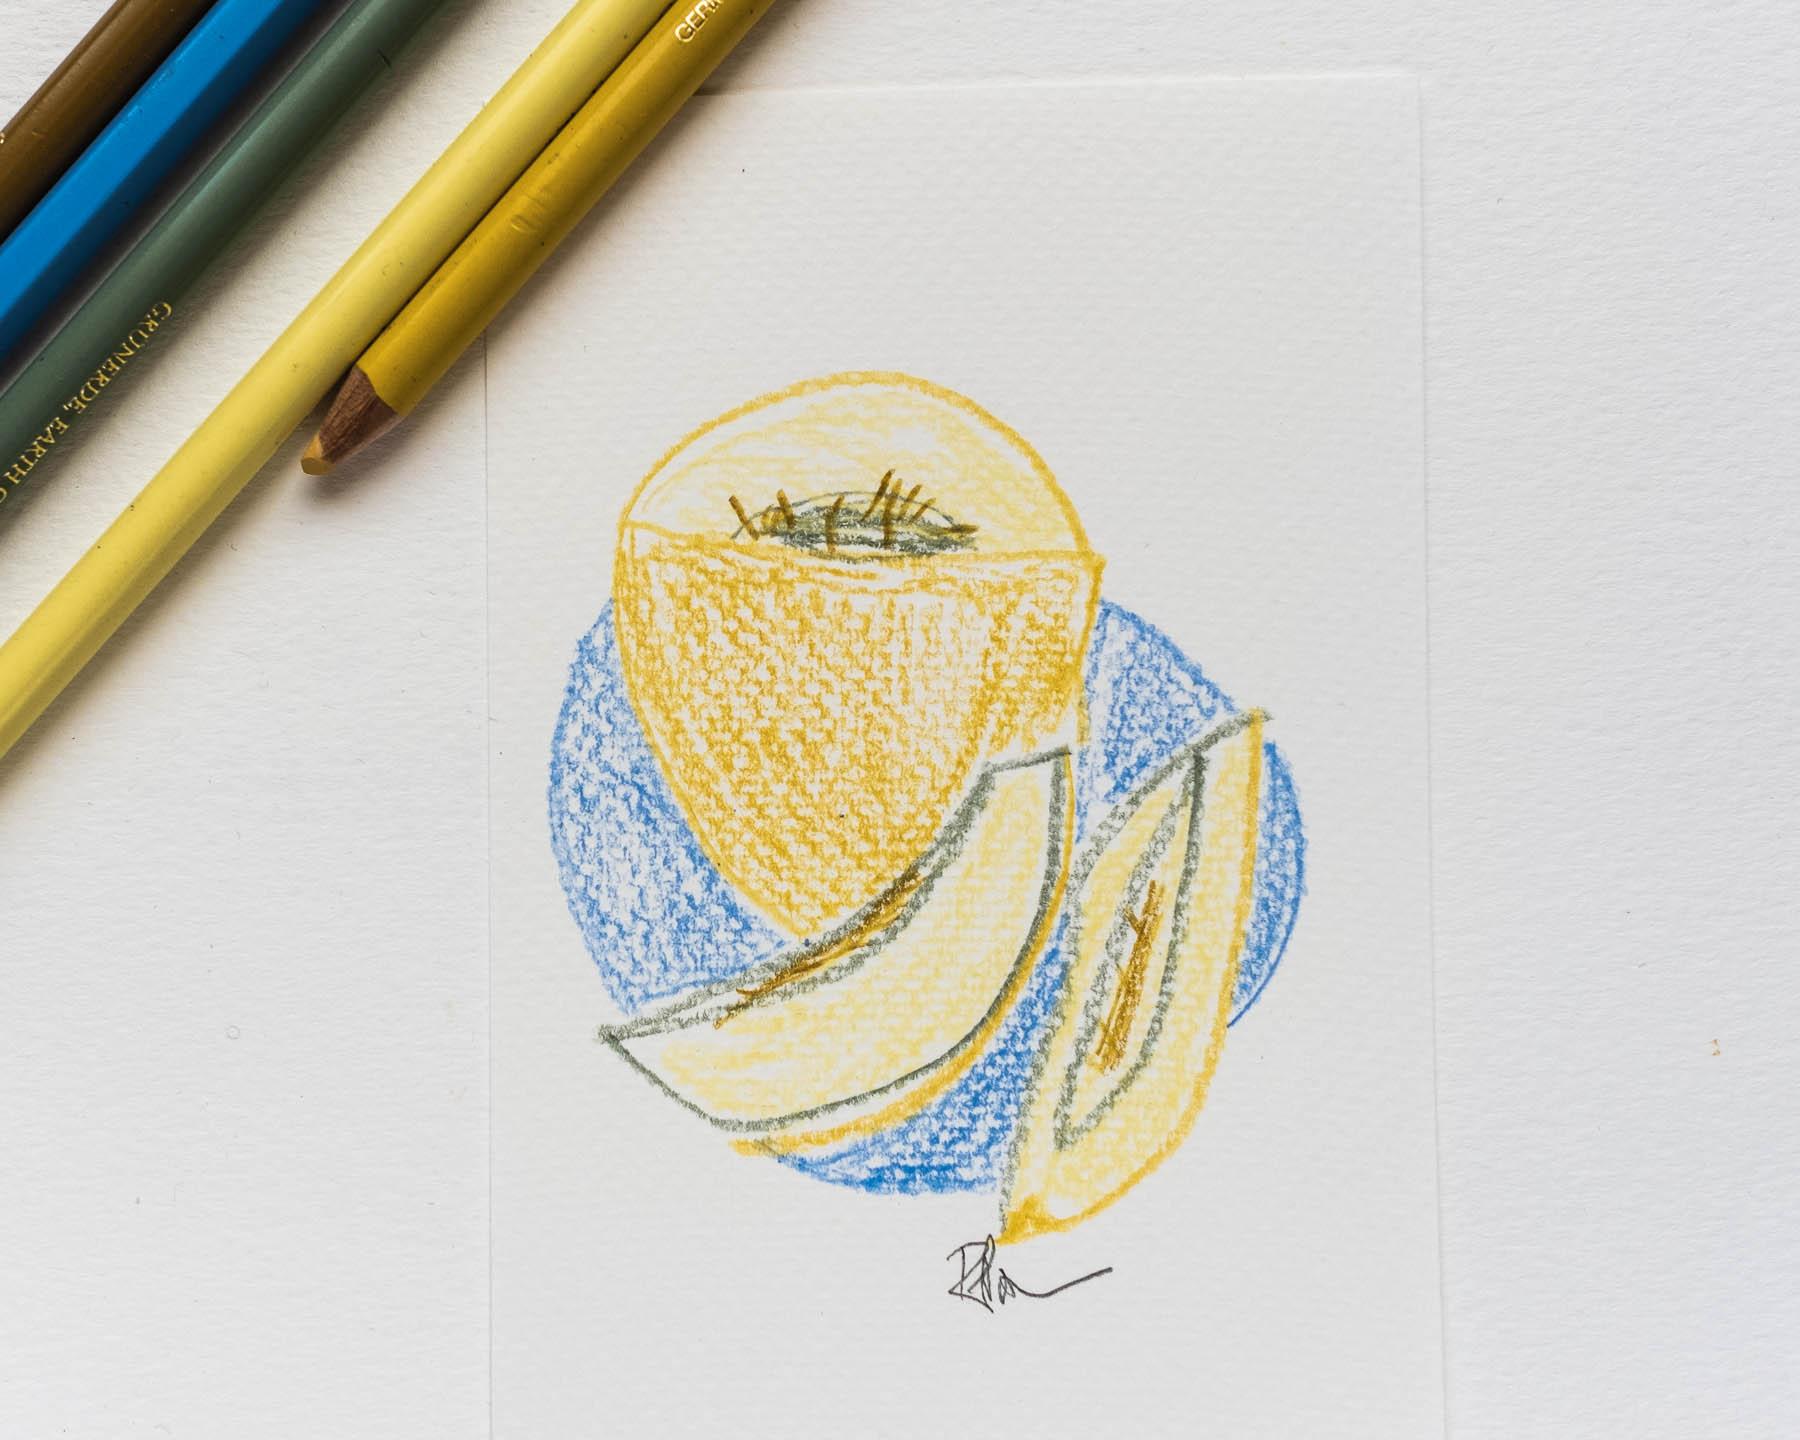 Pencil sketch of melon slices and pencils.